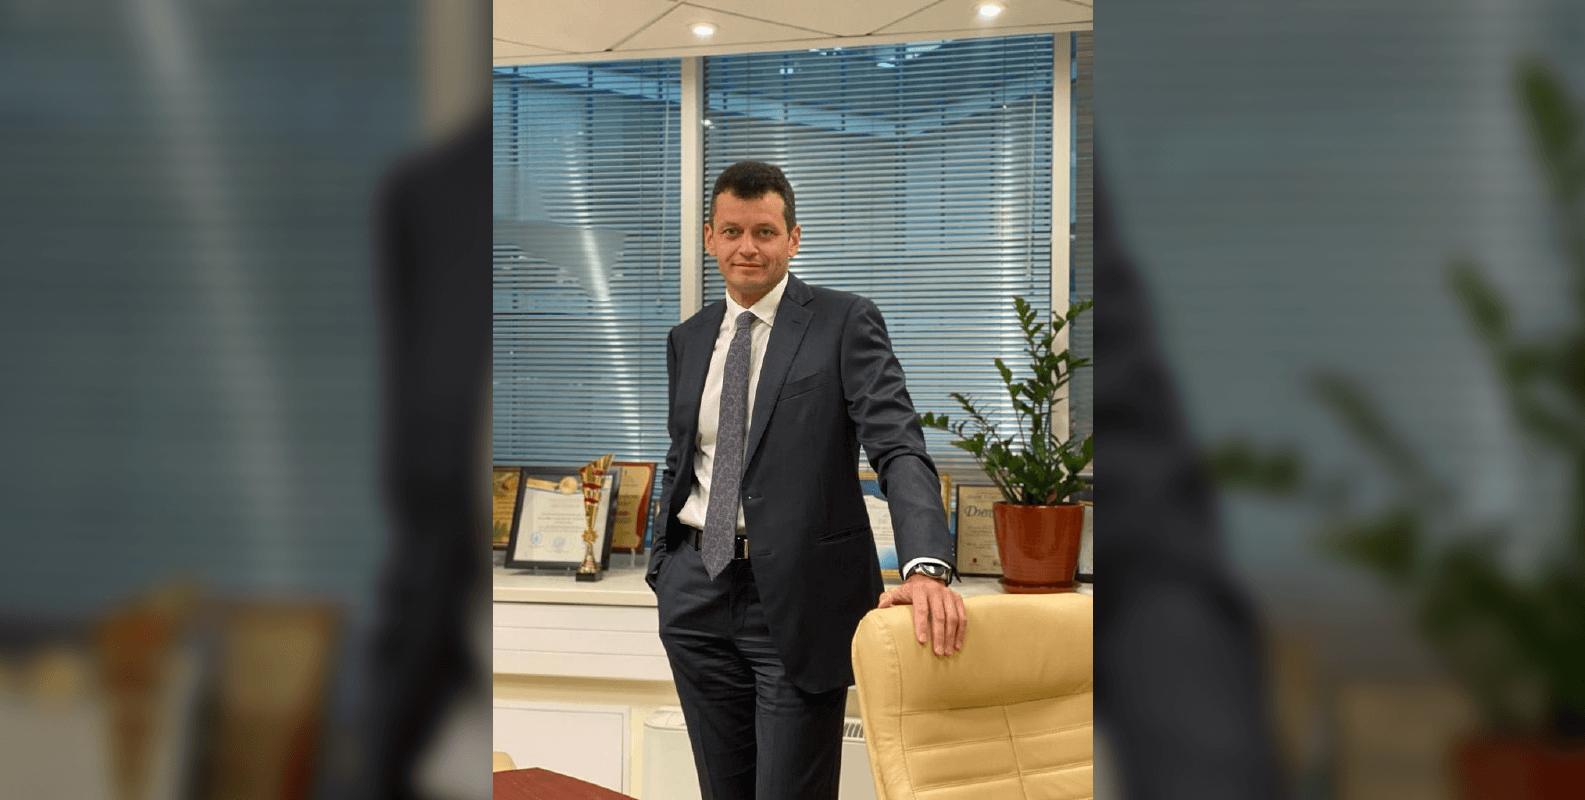 Юрій Кралов: Ведення чесного, відповідального бізнесу, особливо у банківській сфері, неможливо без запровадження ефективного комплаєнс-контролю. - фото - mtb.ua